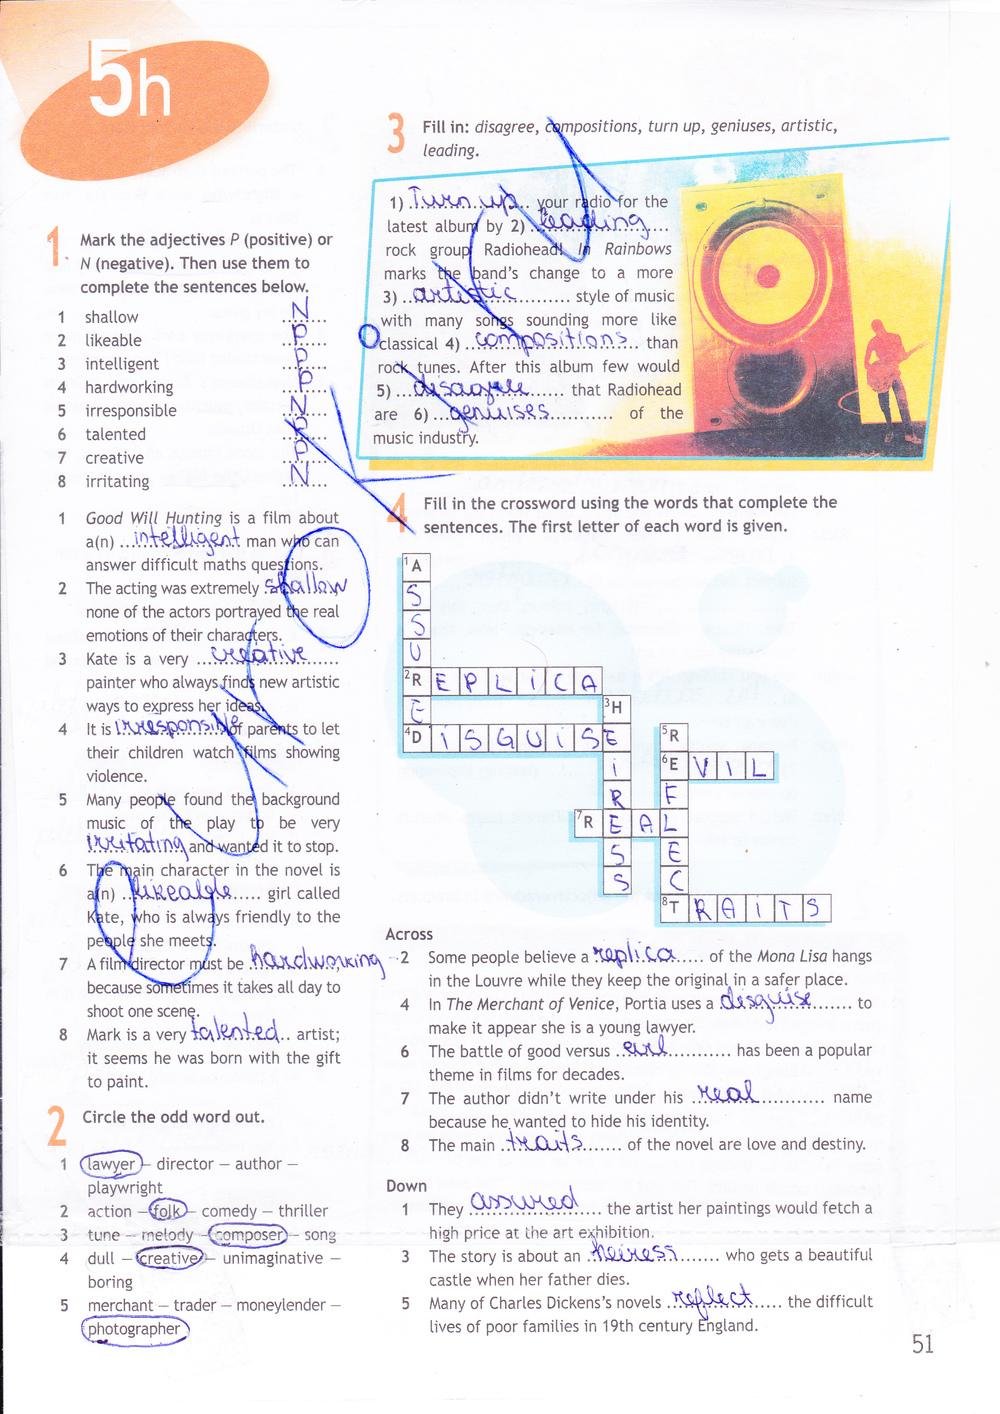 английский язык рабочая тетрадь 7 класс вирджиния эванс гдз рабочая тетрадь